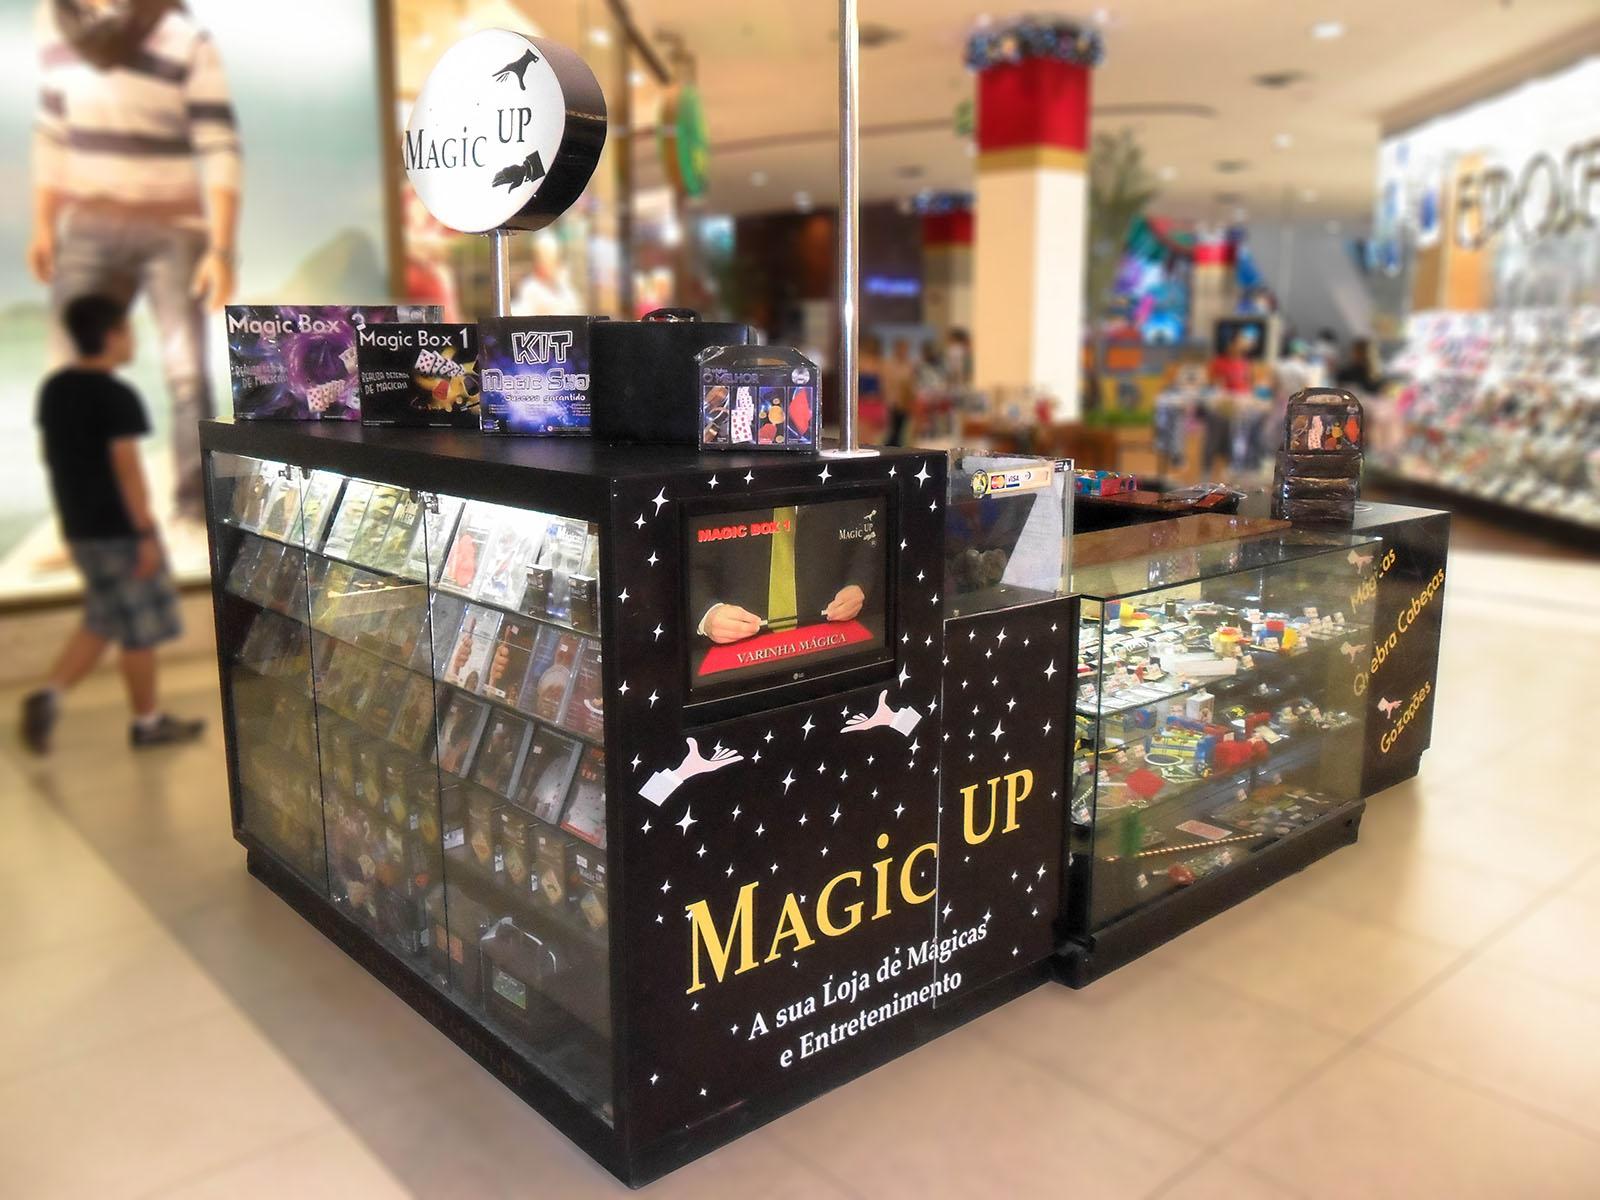 quiosque Magic Up shopping